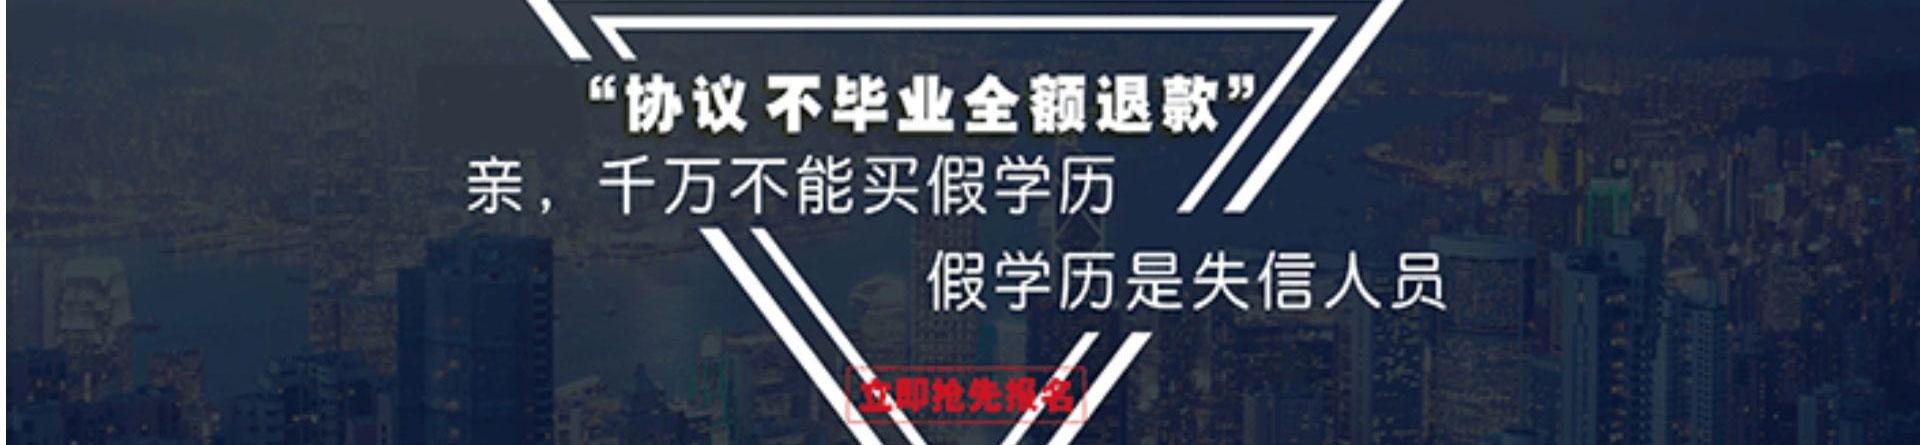 河南永师教育